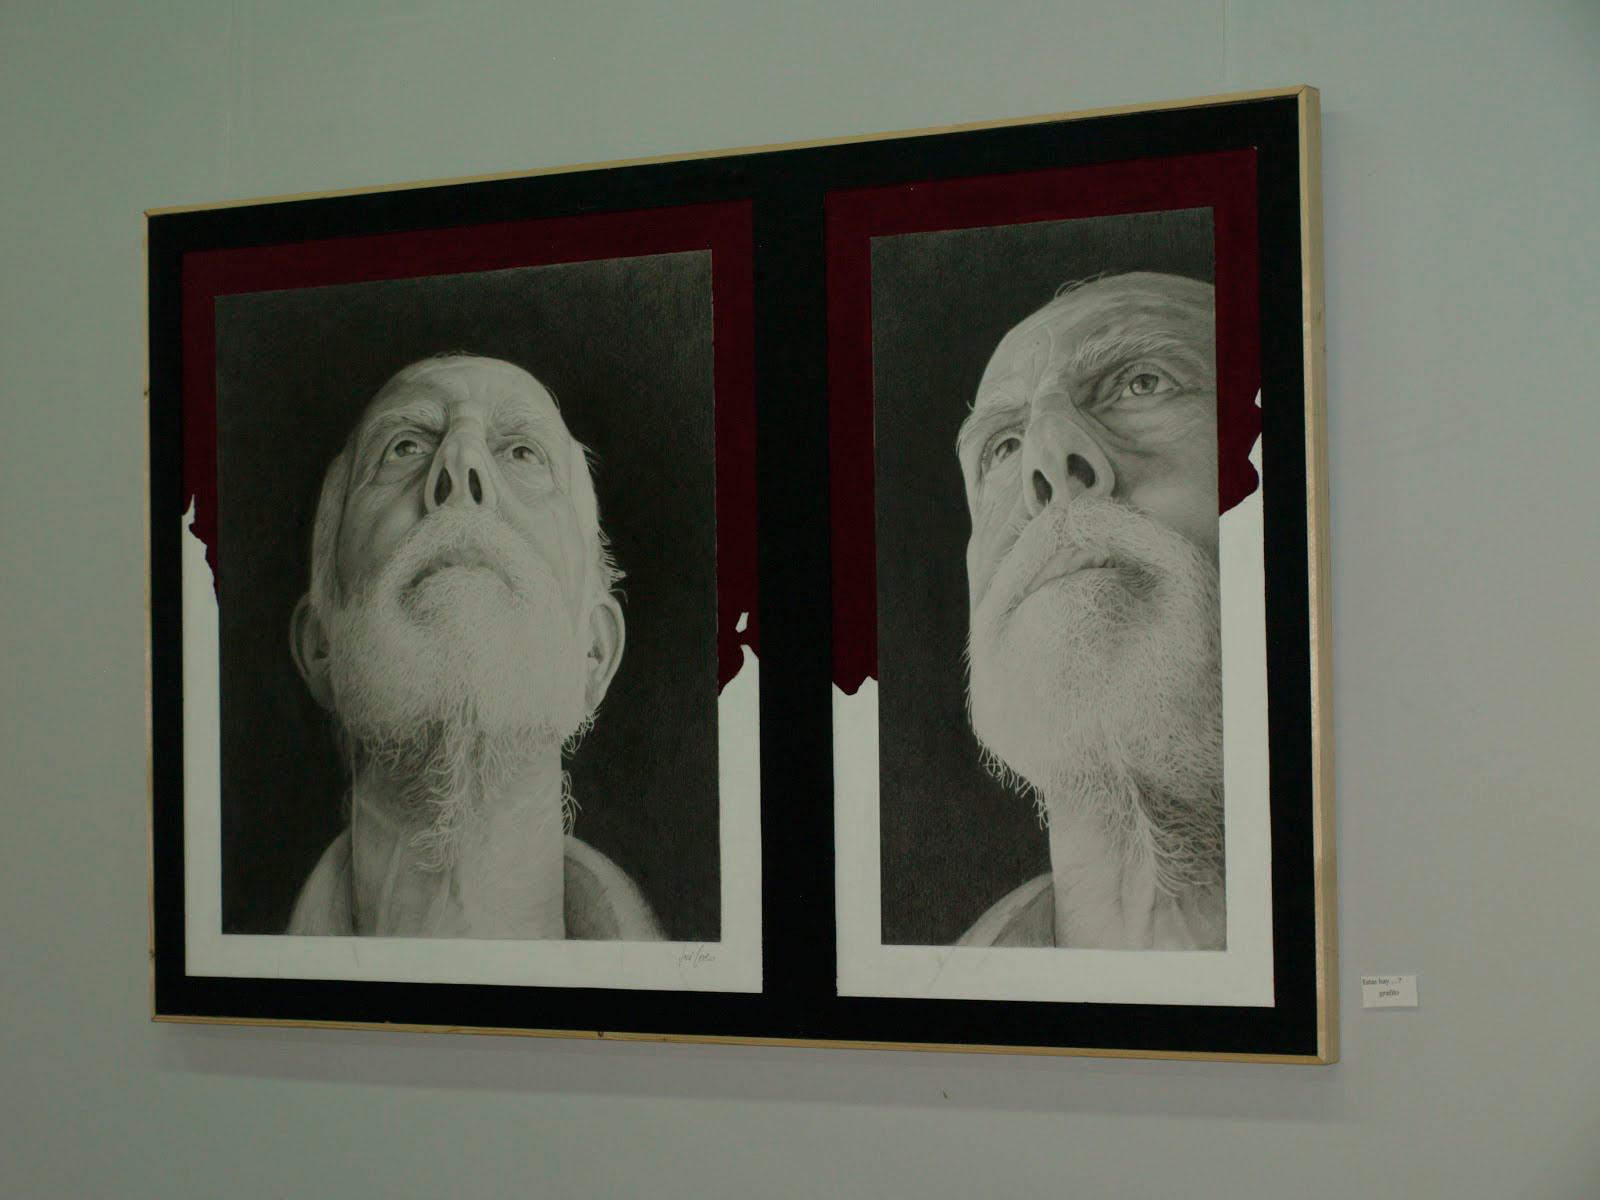 Exposición-Sala-Los-Bajos,-Ayuntamiento-de-San-Vicente-del-Raspeig,2012,ABRE-LOS-OJOS